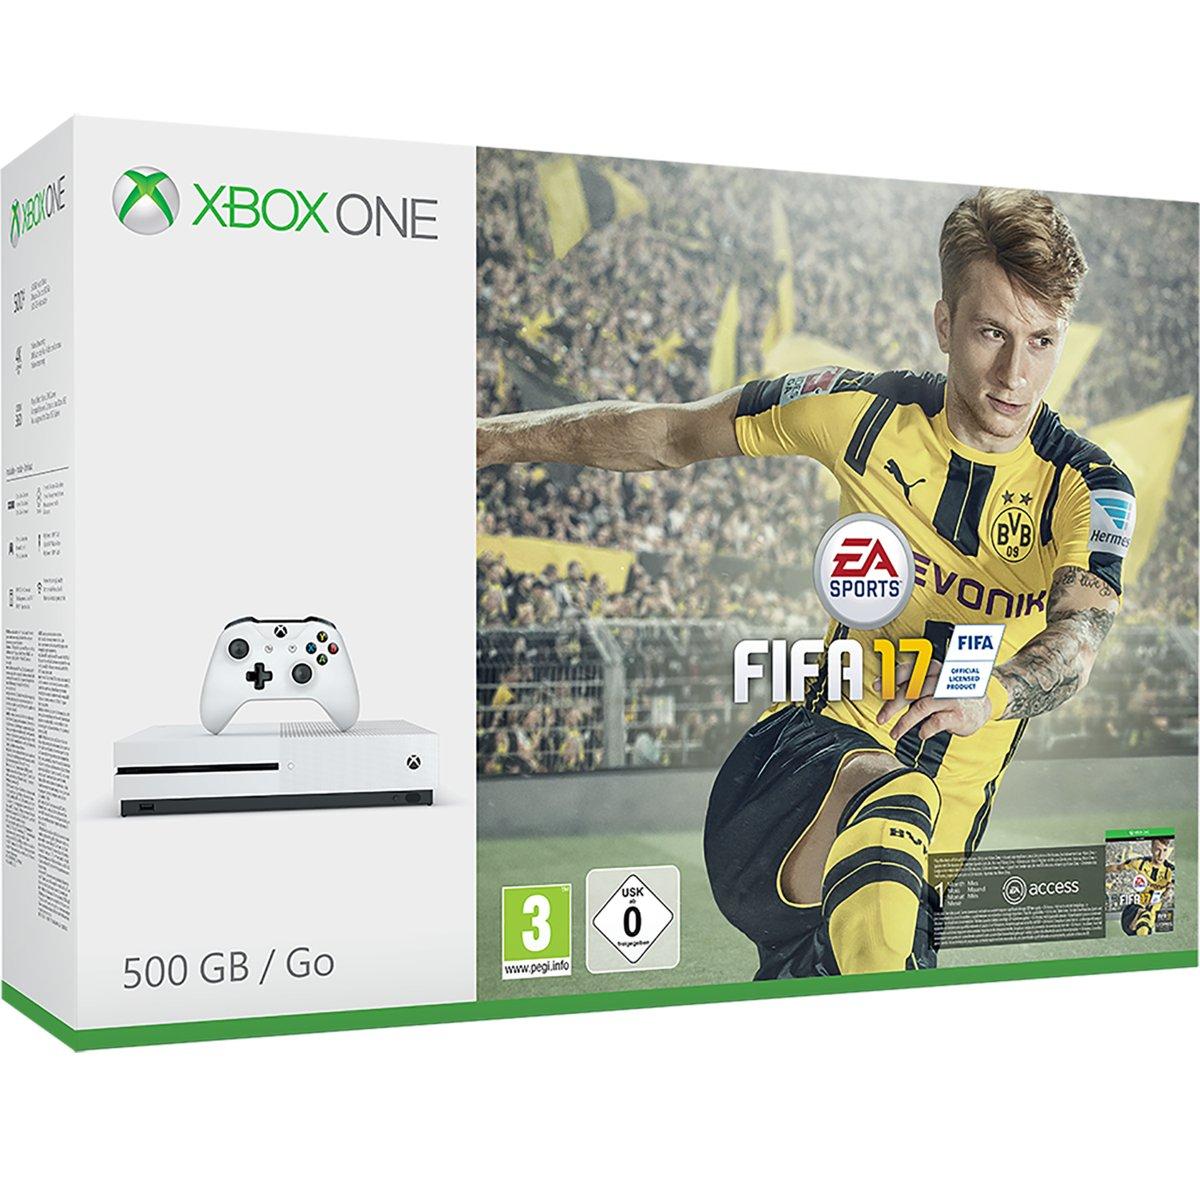 Vandaag 10% kassakorting op Xbox-artikelen (Microsoft) - Xbox One S + FIFA17 voor €209,70 @ Bol.com